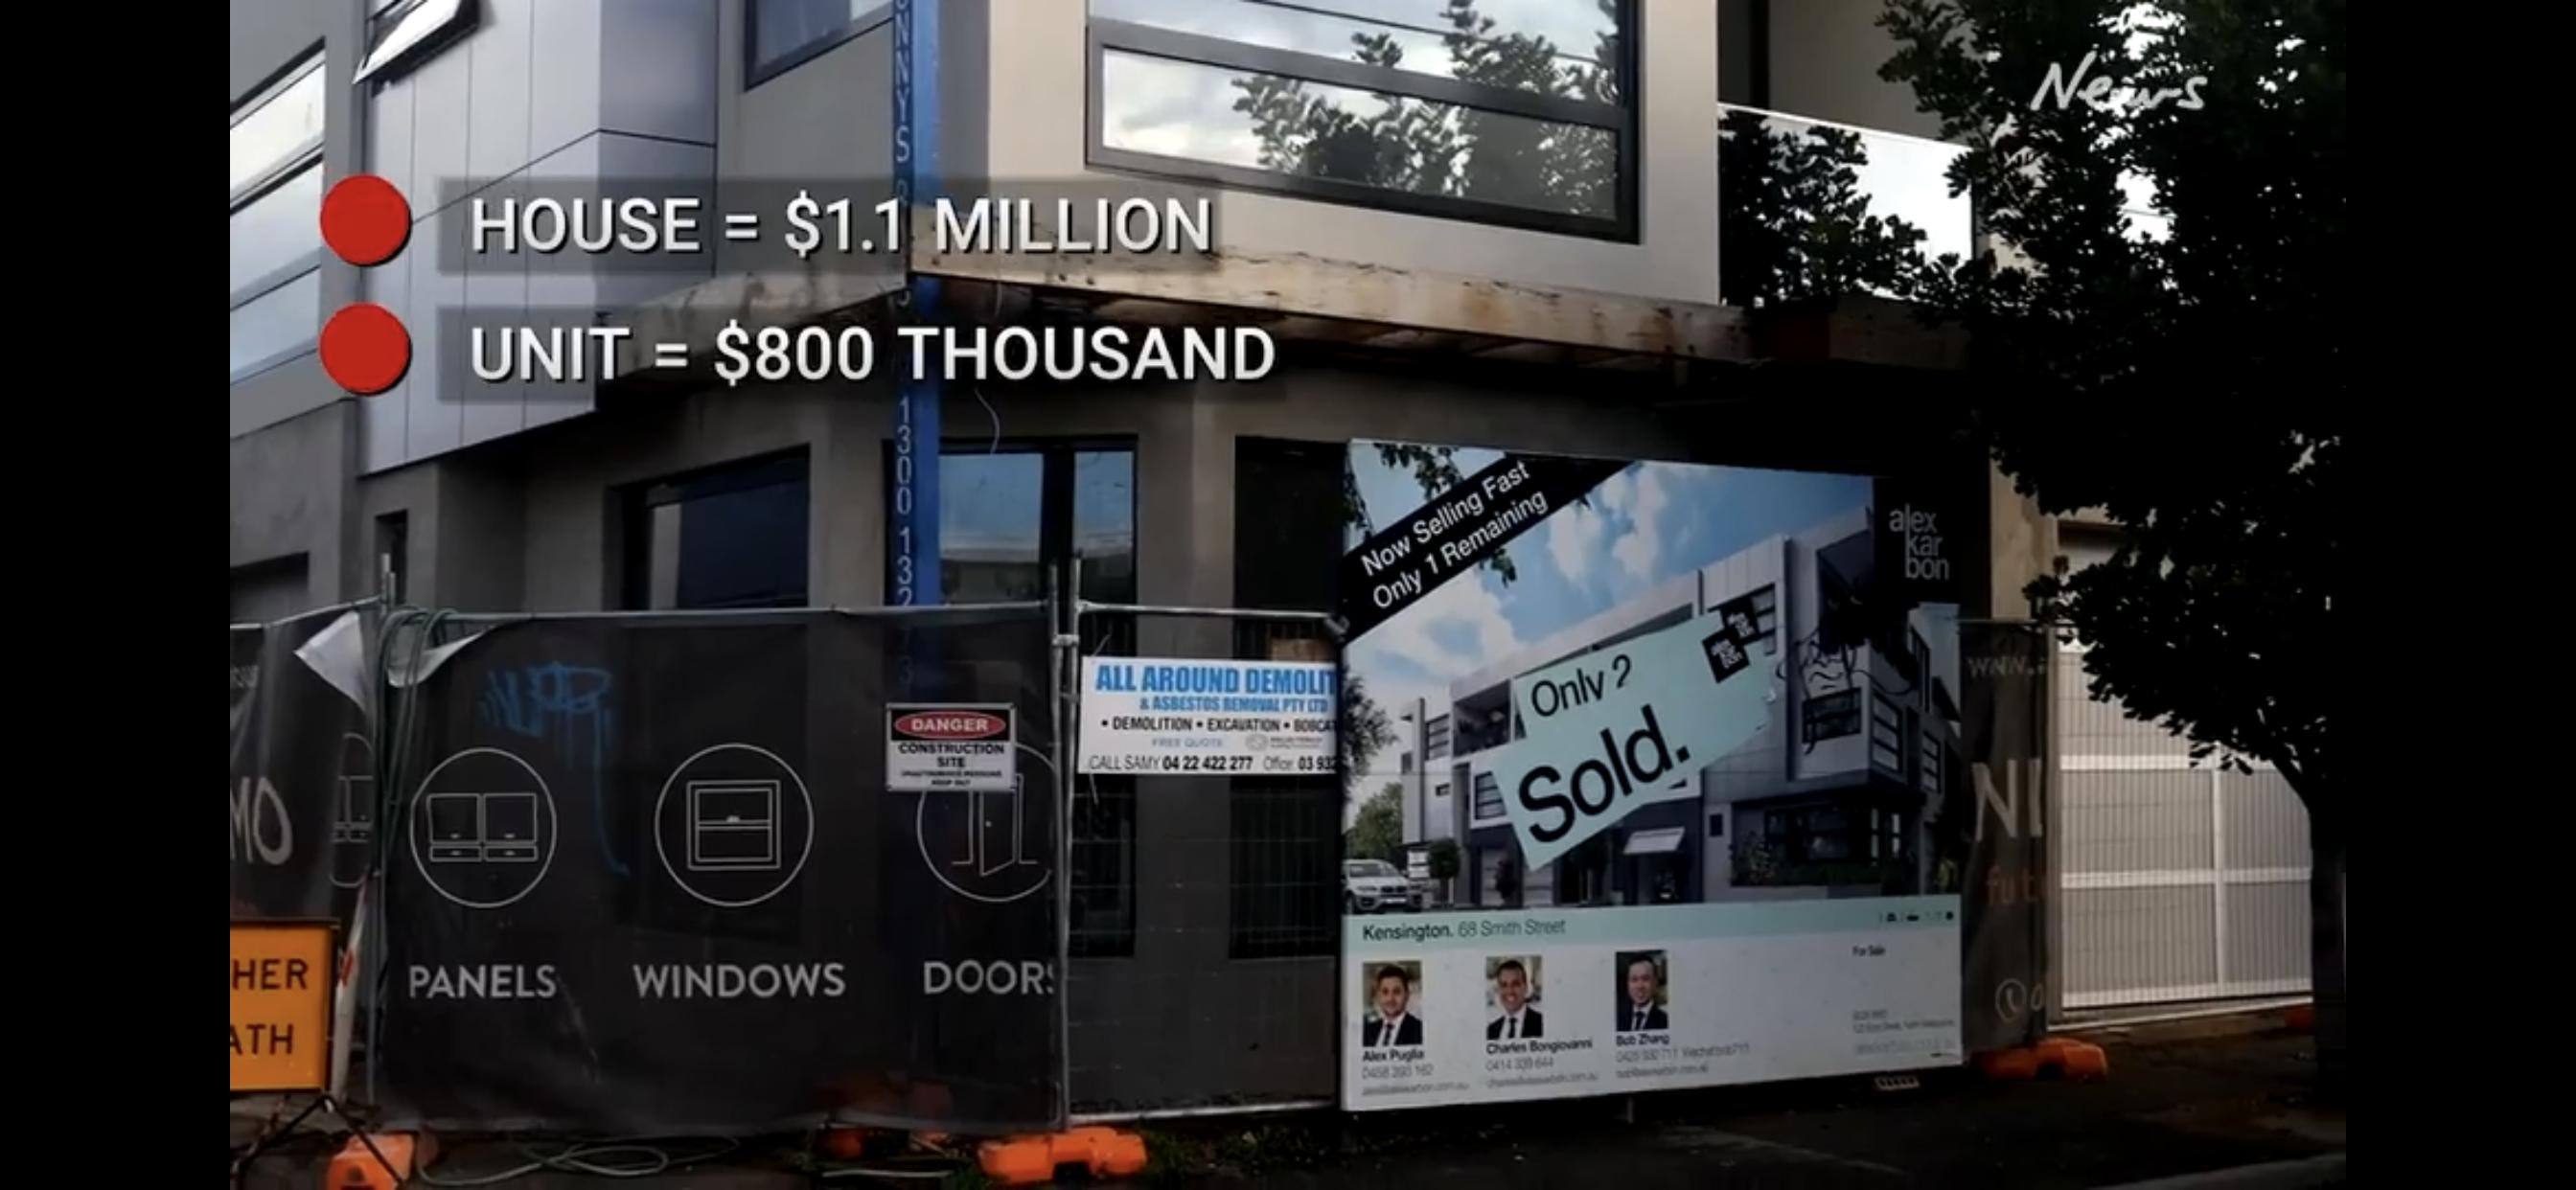 أسعار المنازل